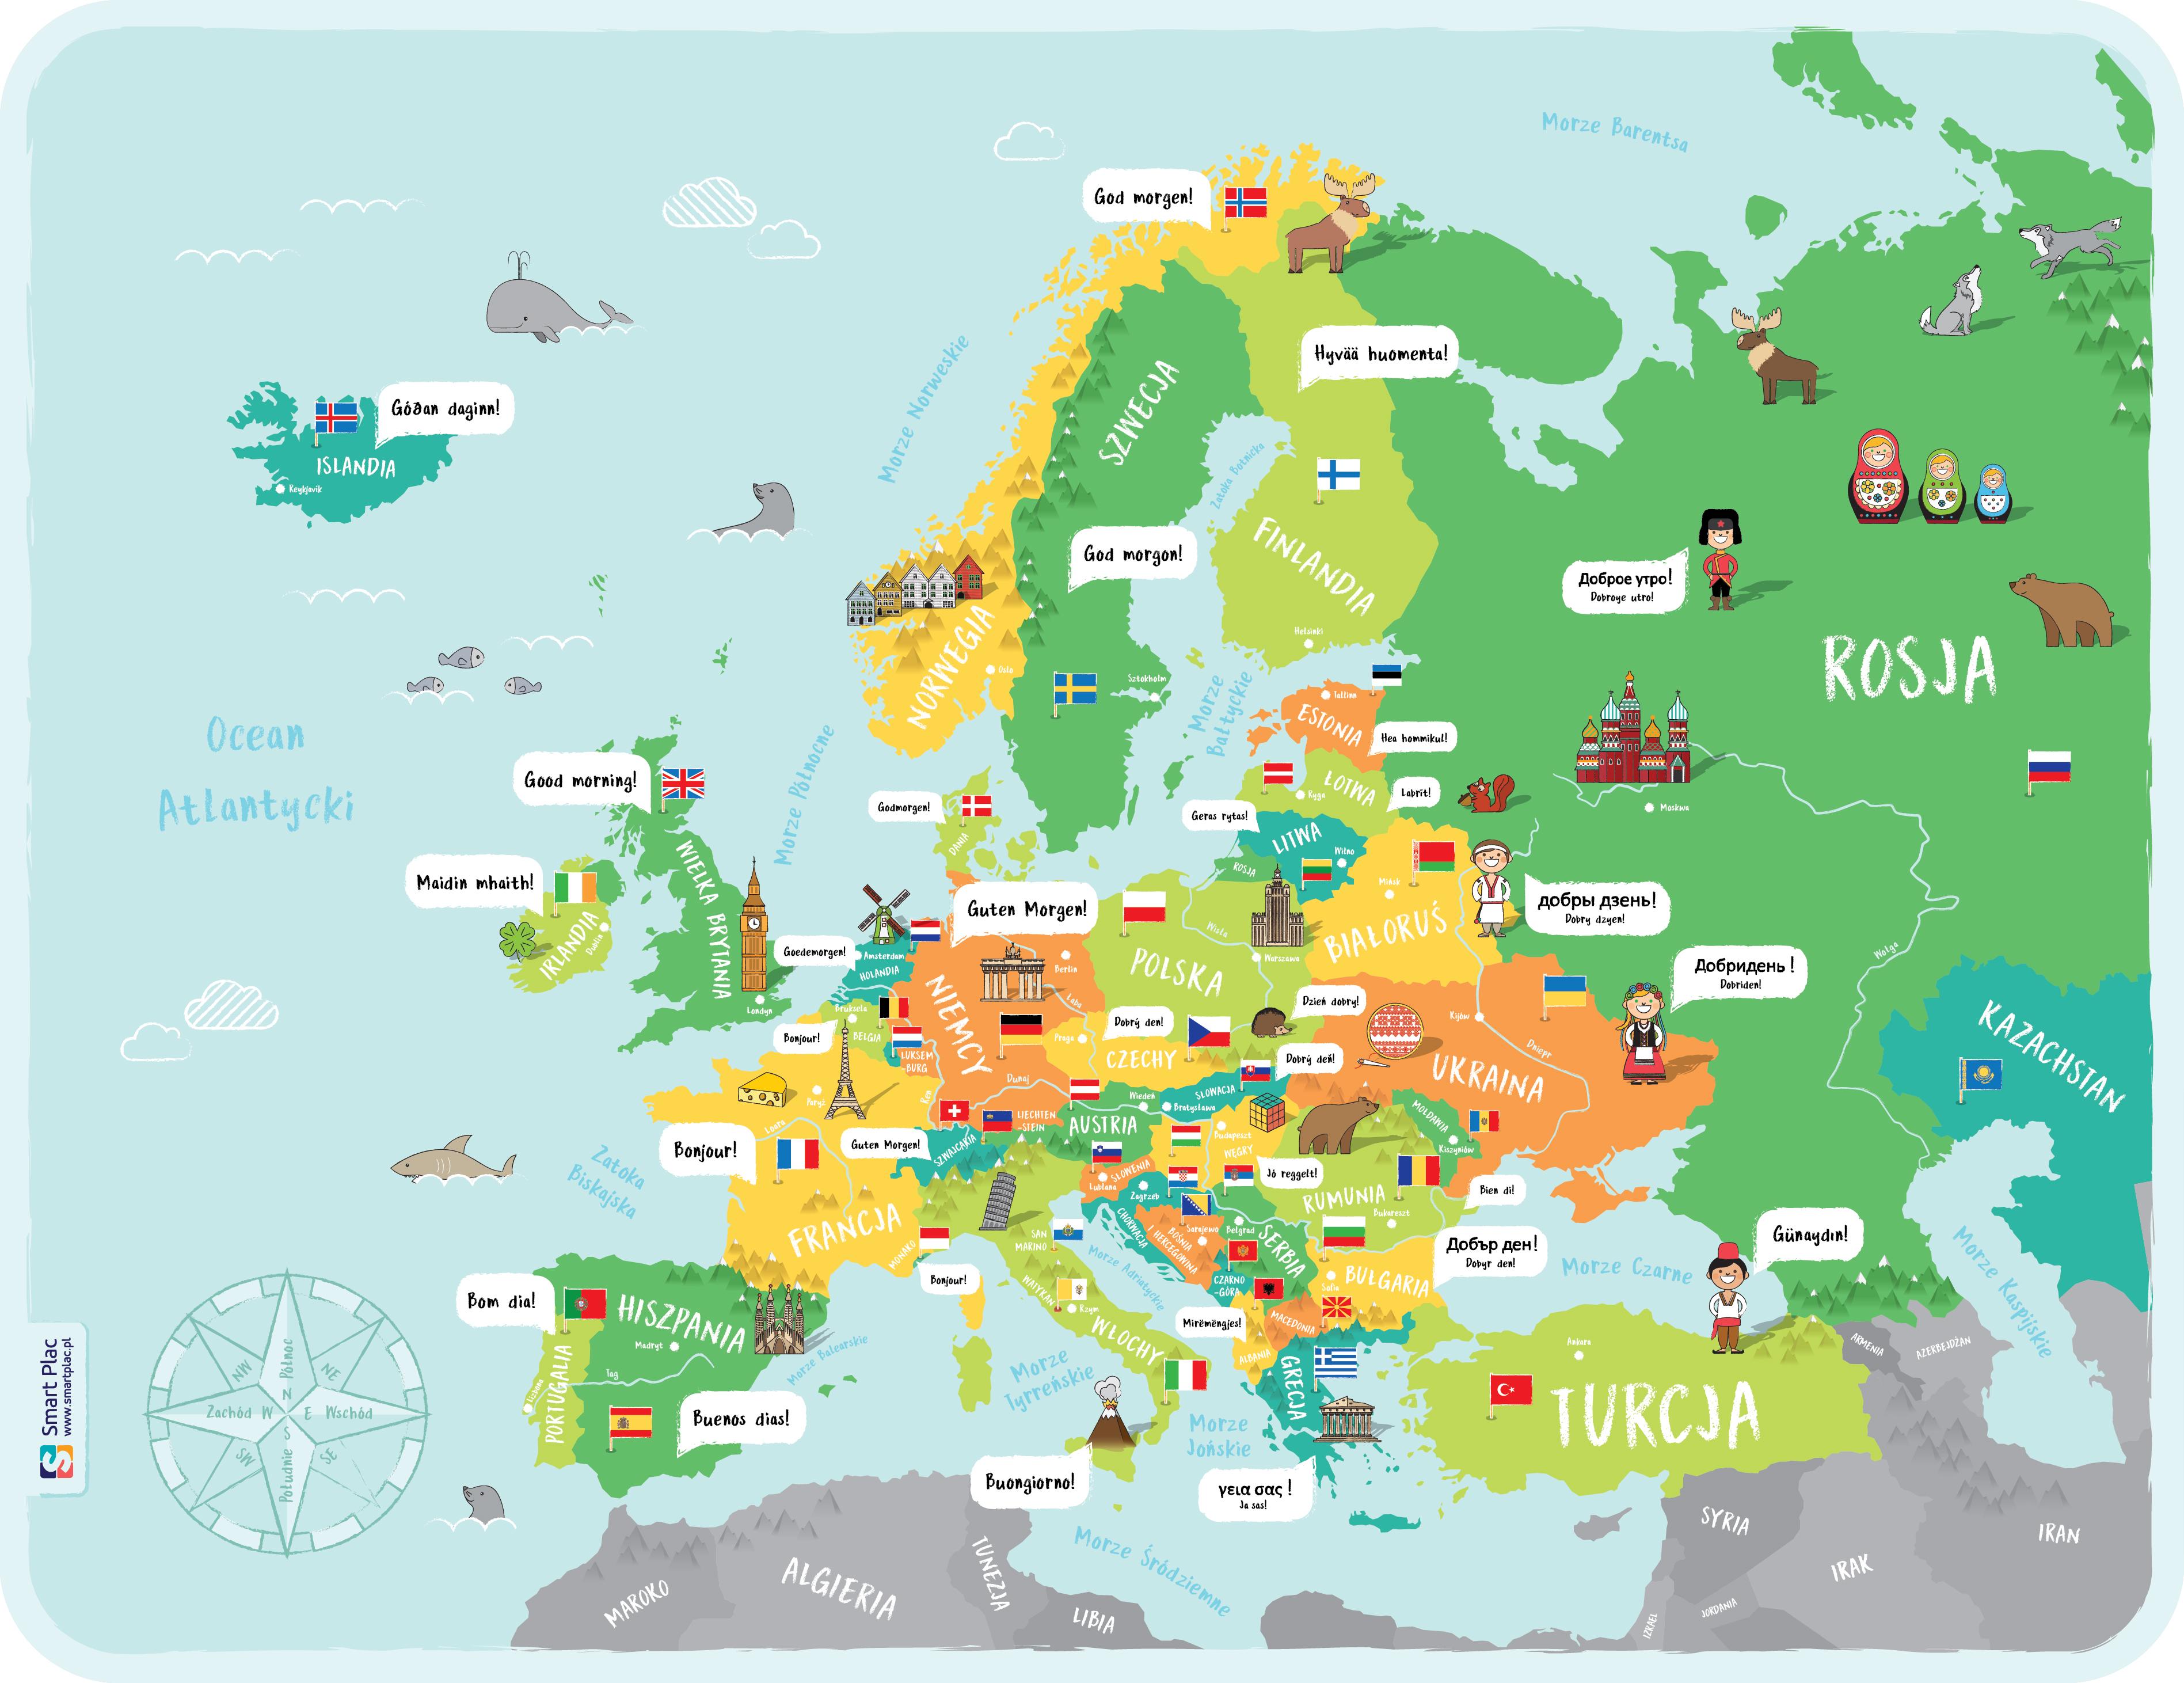 Naklejka Podlogowa Mapa Europy Naklejka Podlogowa Mapa Xxl